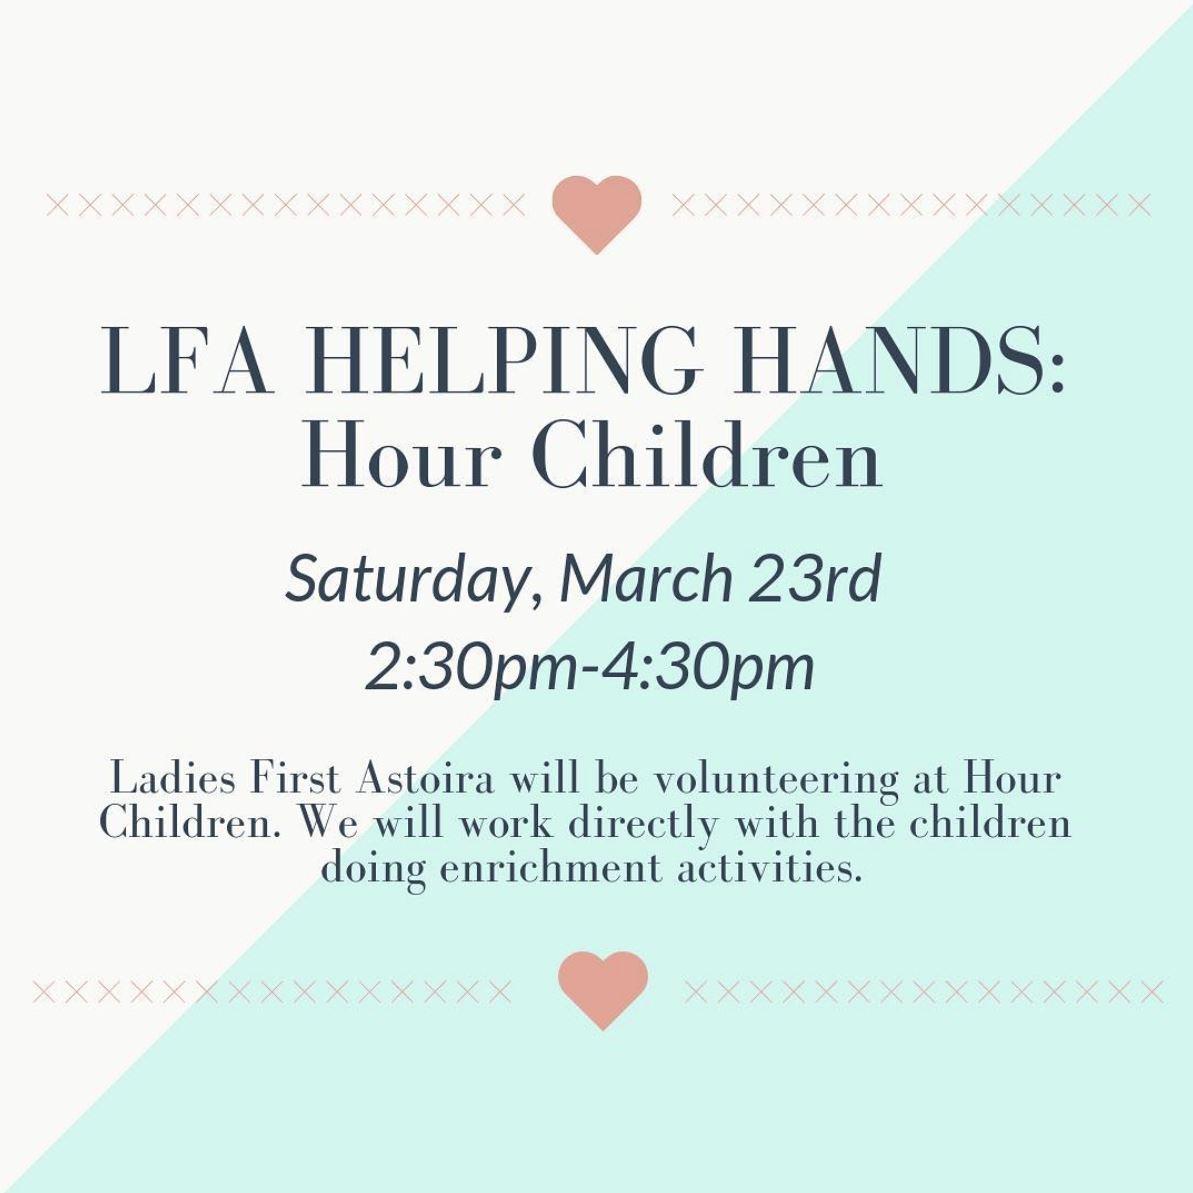 LFA Hour Children Flier.JPG